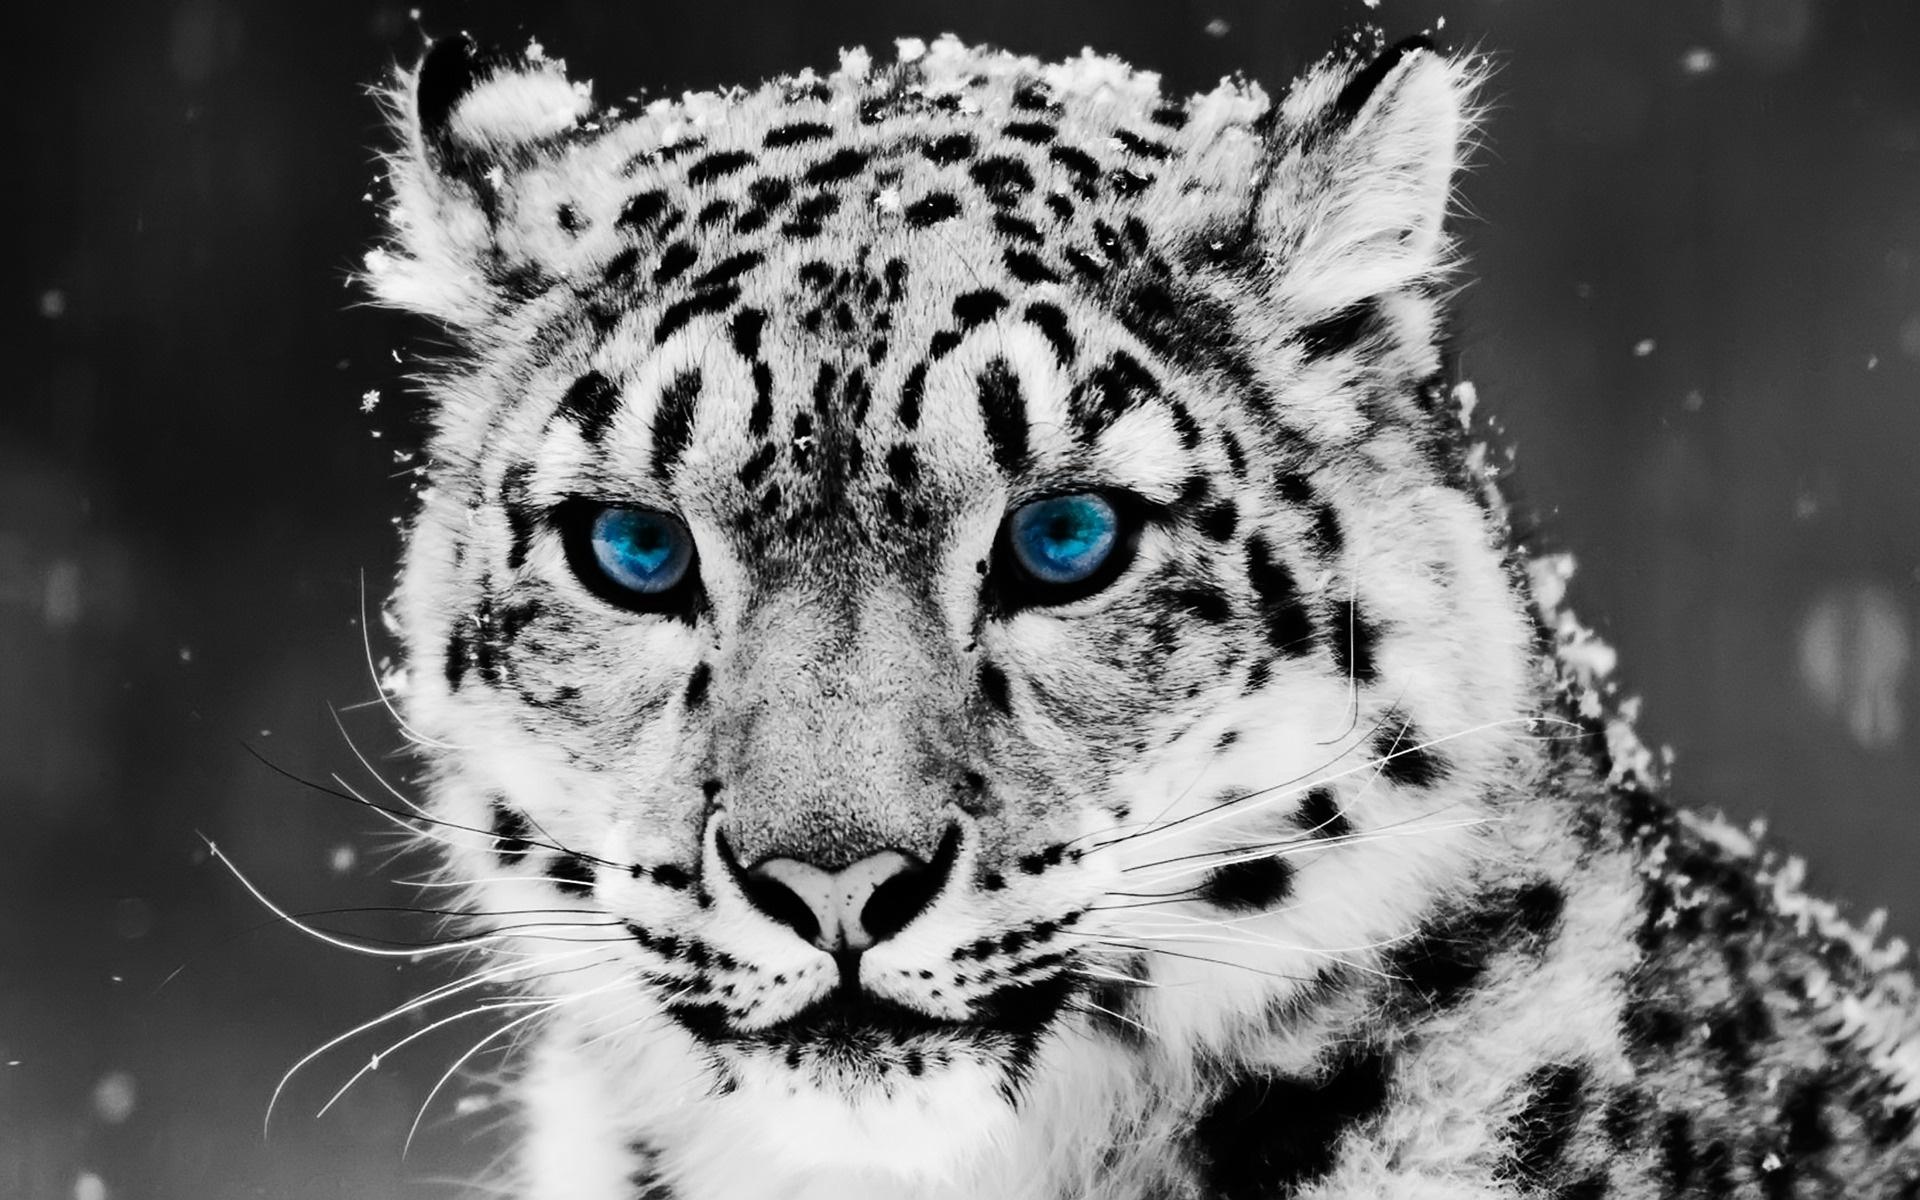 Snow Blue Eye Leopard Wallpapers | HD Wallpapers